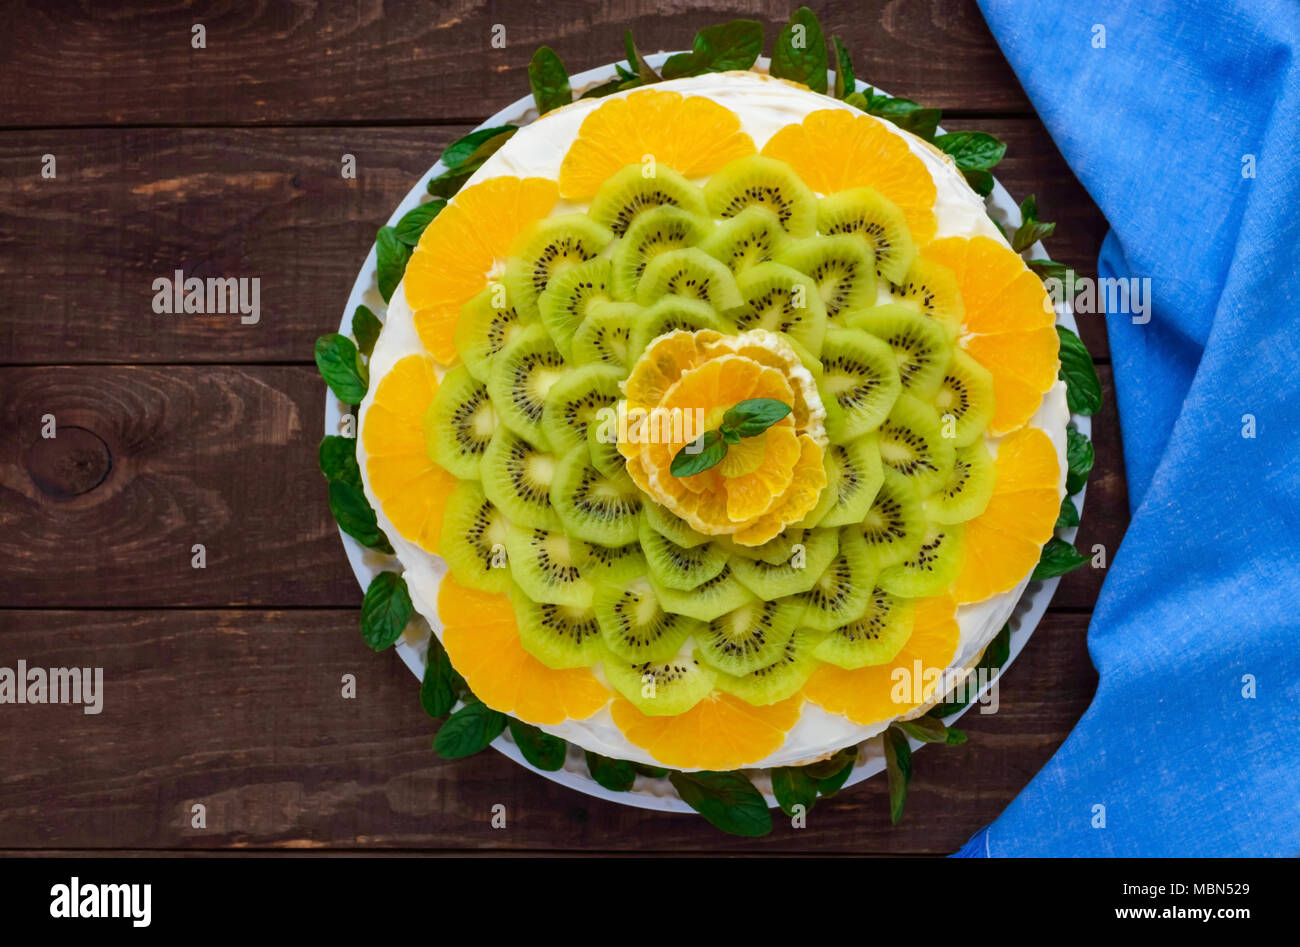 Helle runde festliche Obst Kuchen dekoriert mit Kiwi, Orange, Minze. Die Ansicht von oben. Stockbild